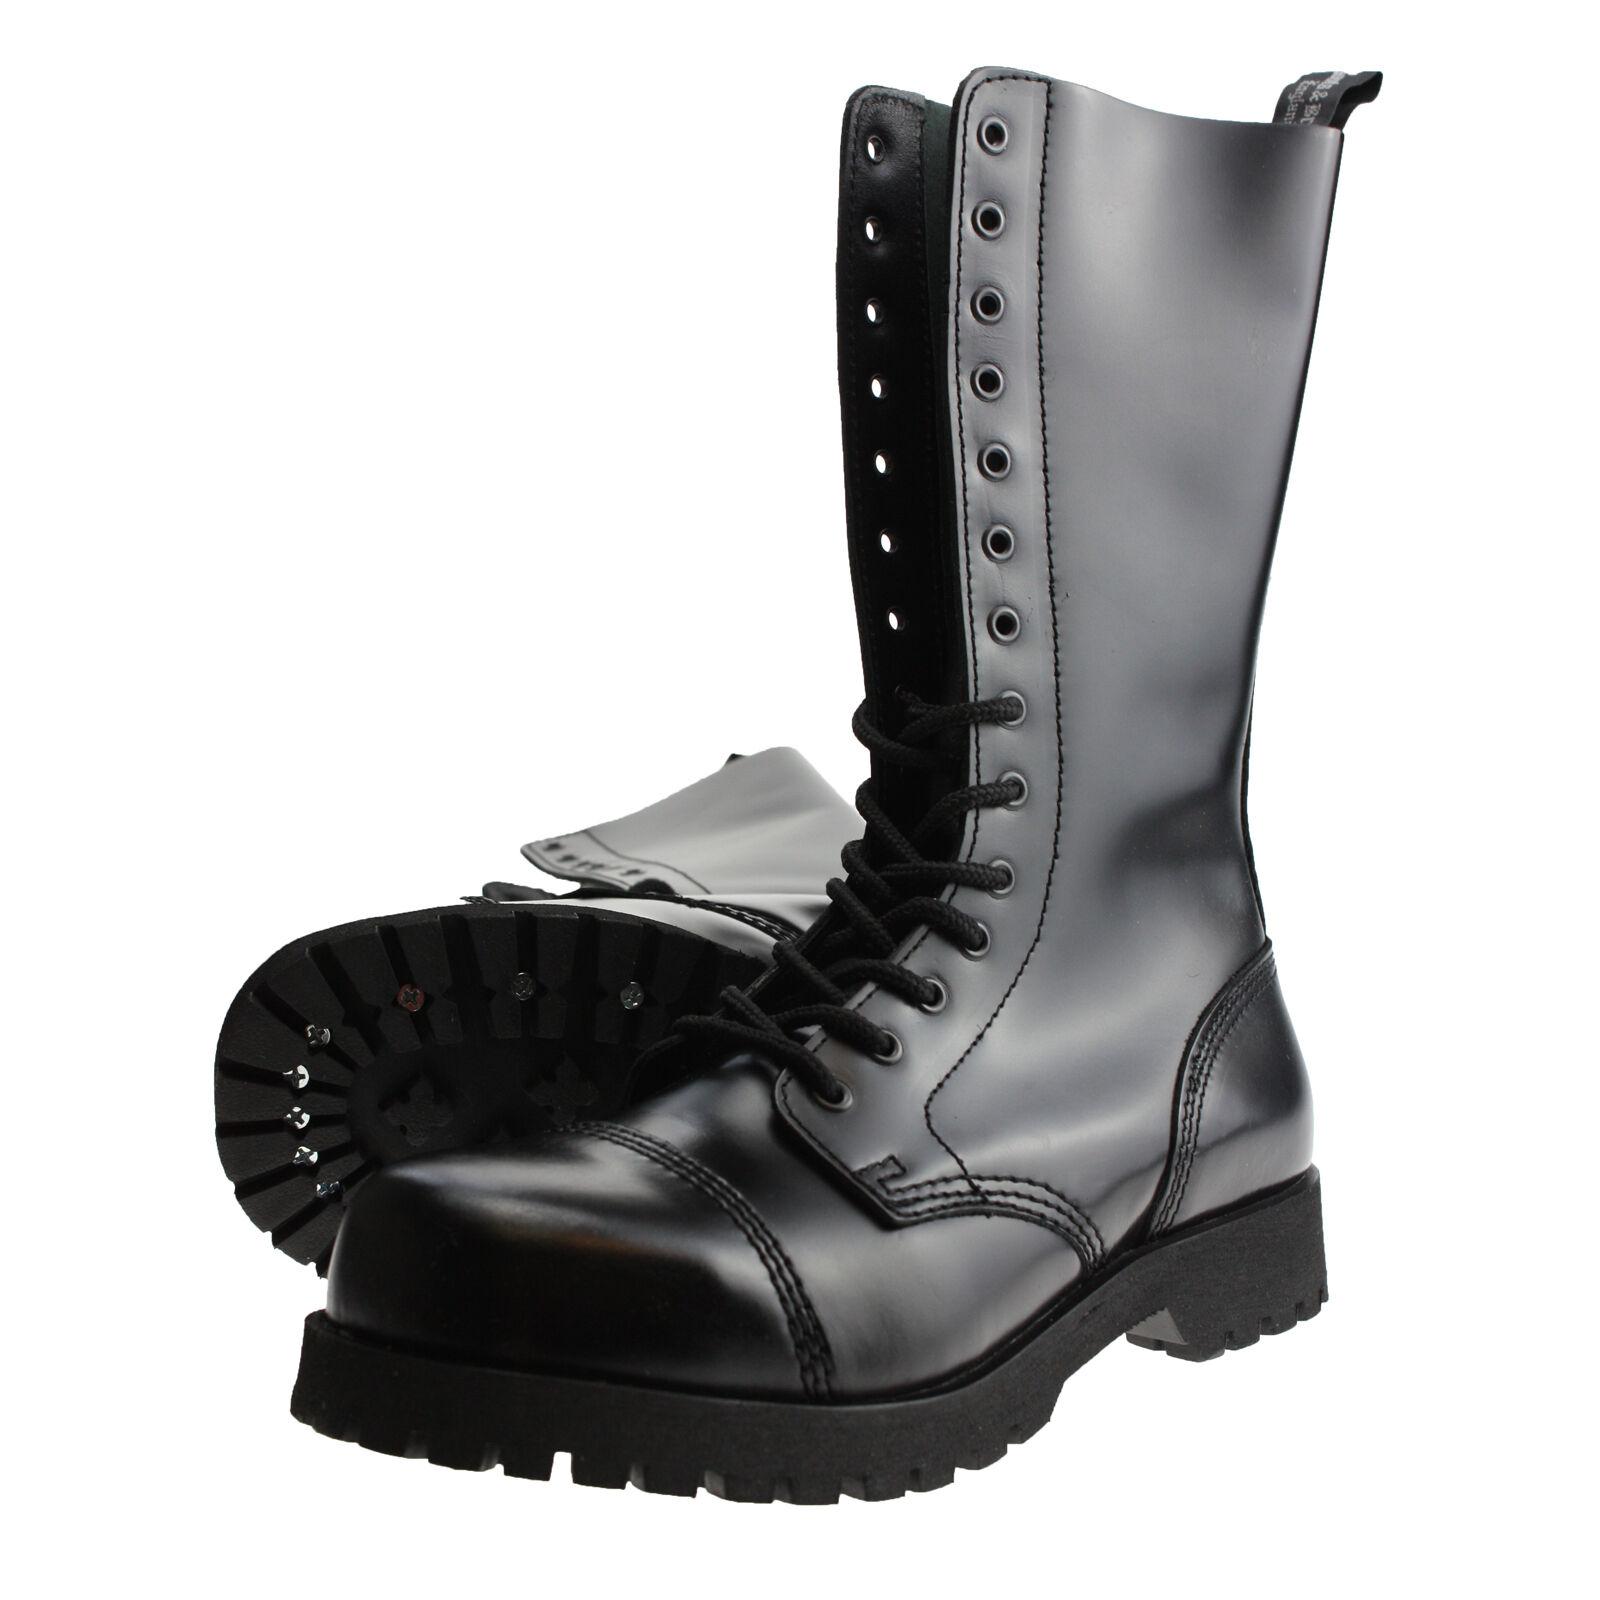 Boots and Braces 14-Loch Stiefel Rangers Springerstiefel Stahlkappe Schwarz